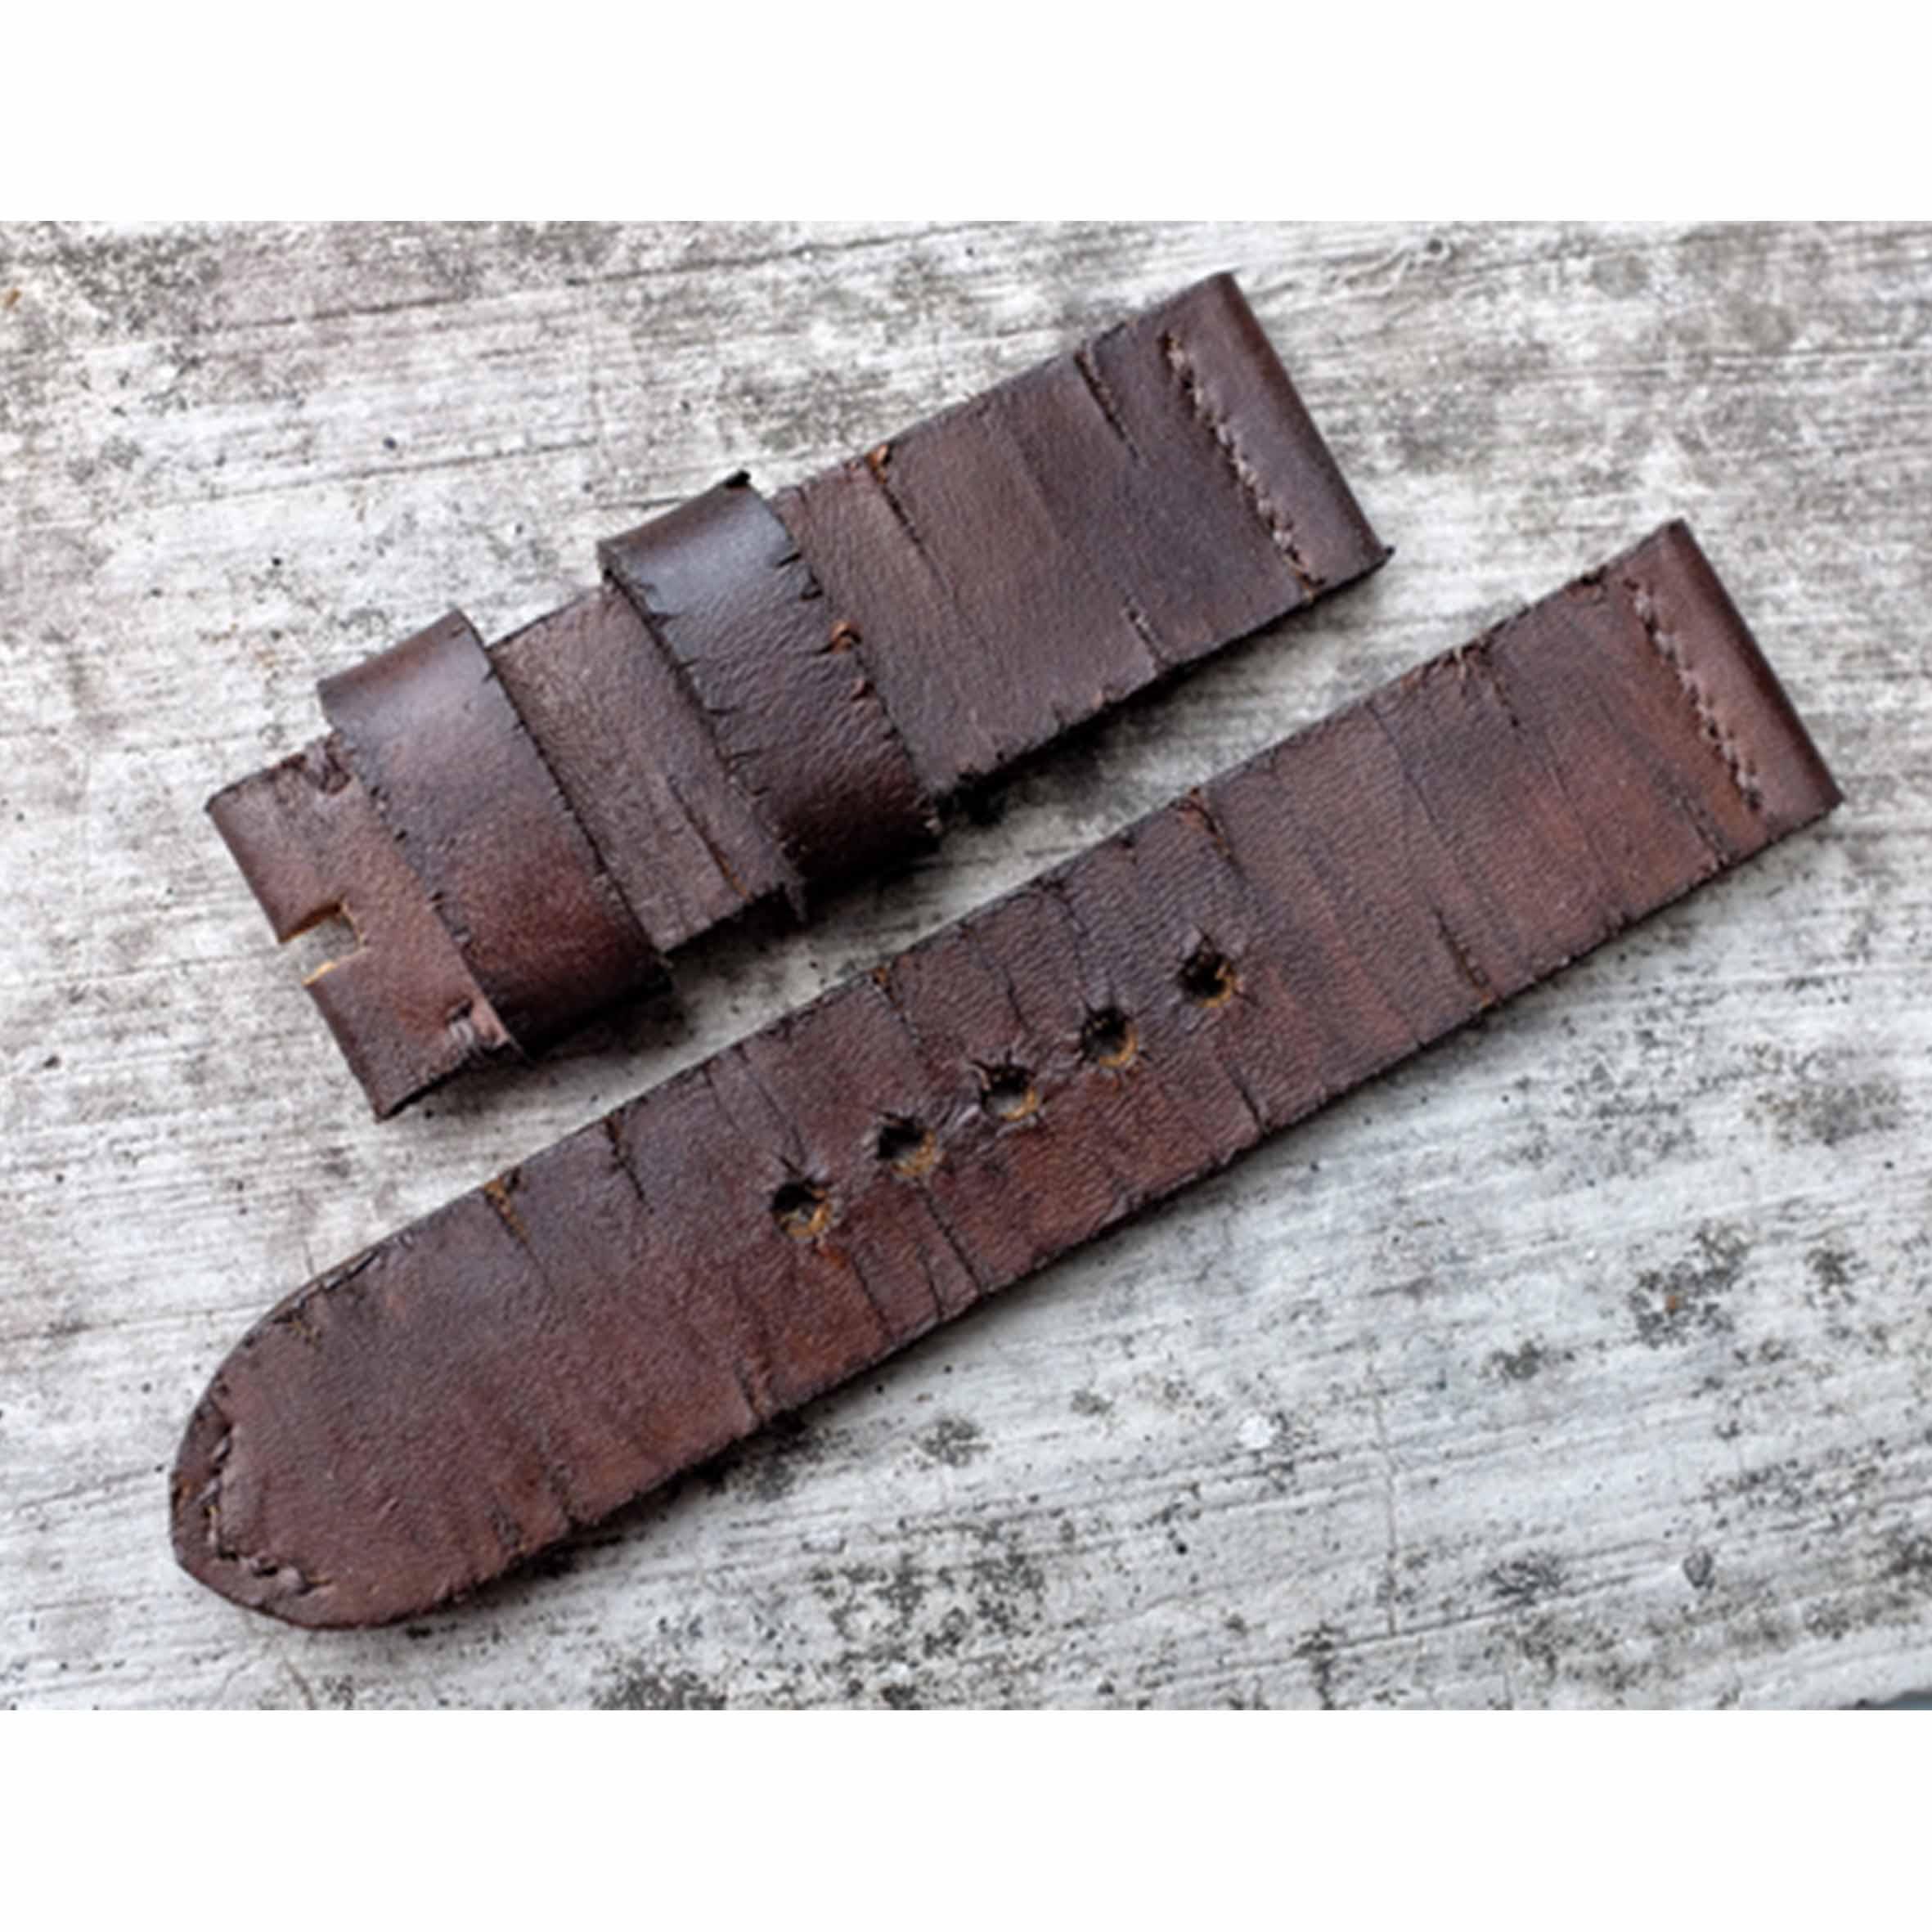 malio-straps-fratturare-strapsonly (1)